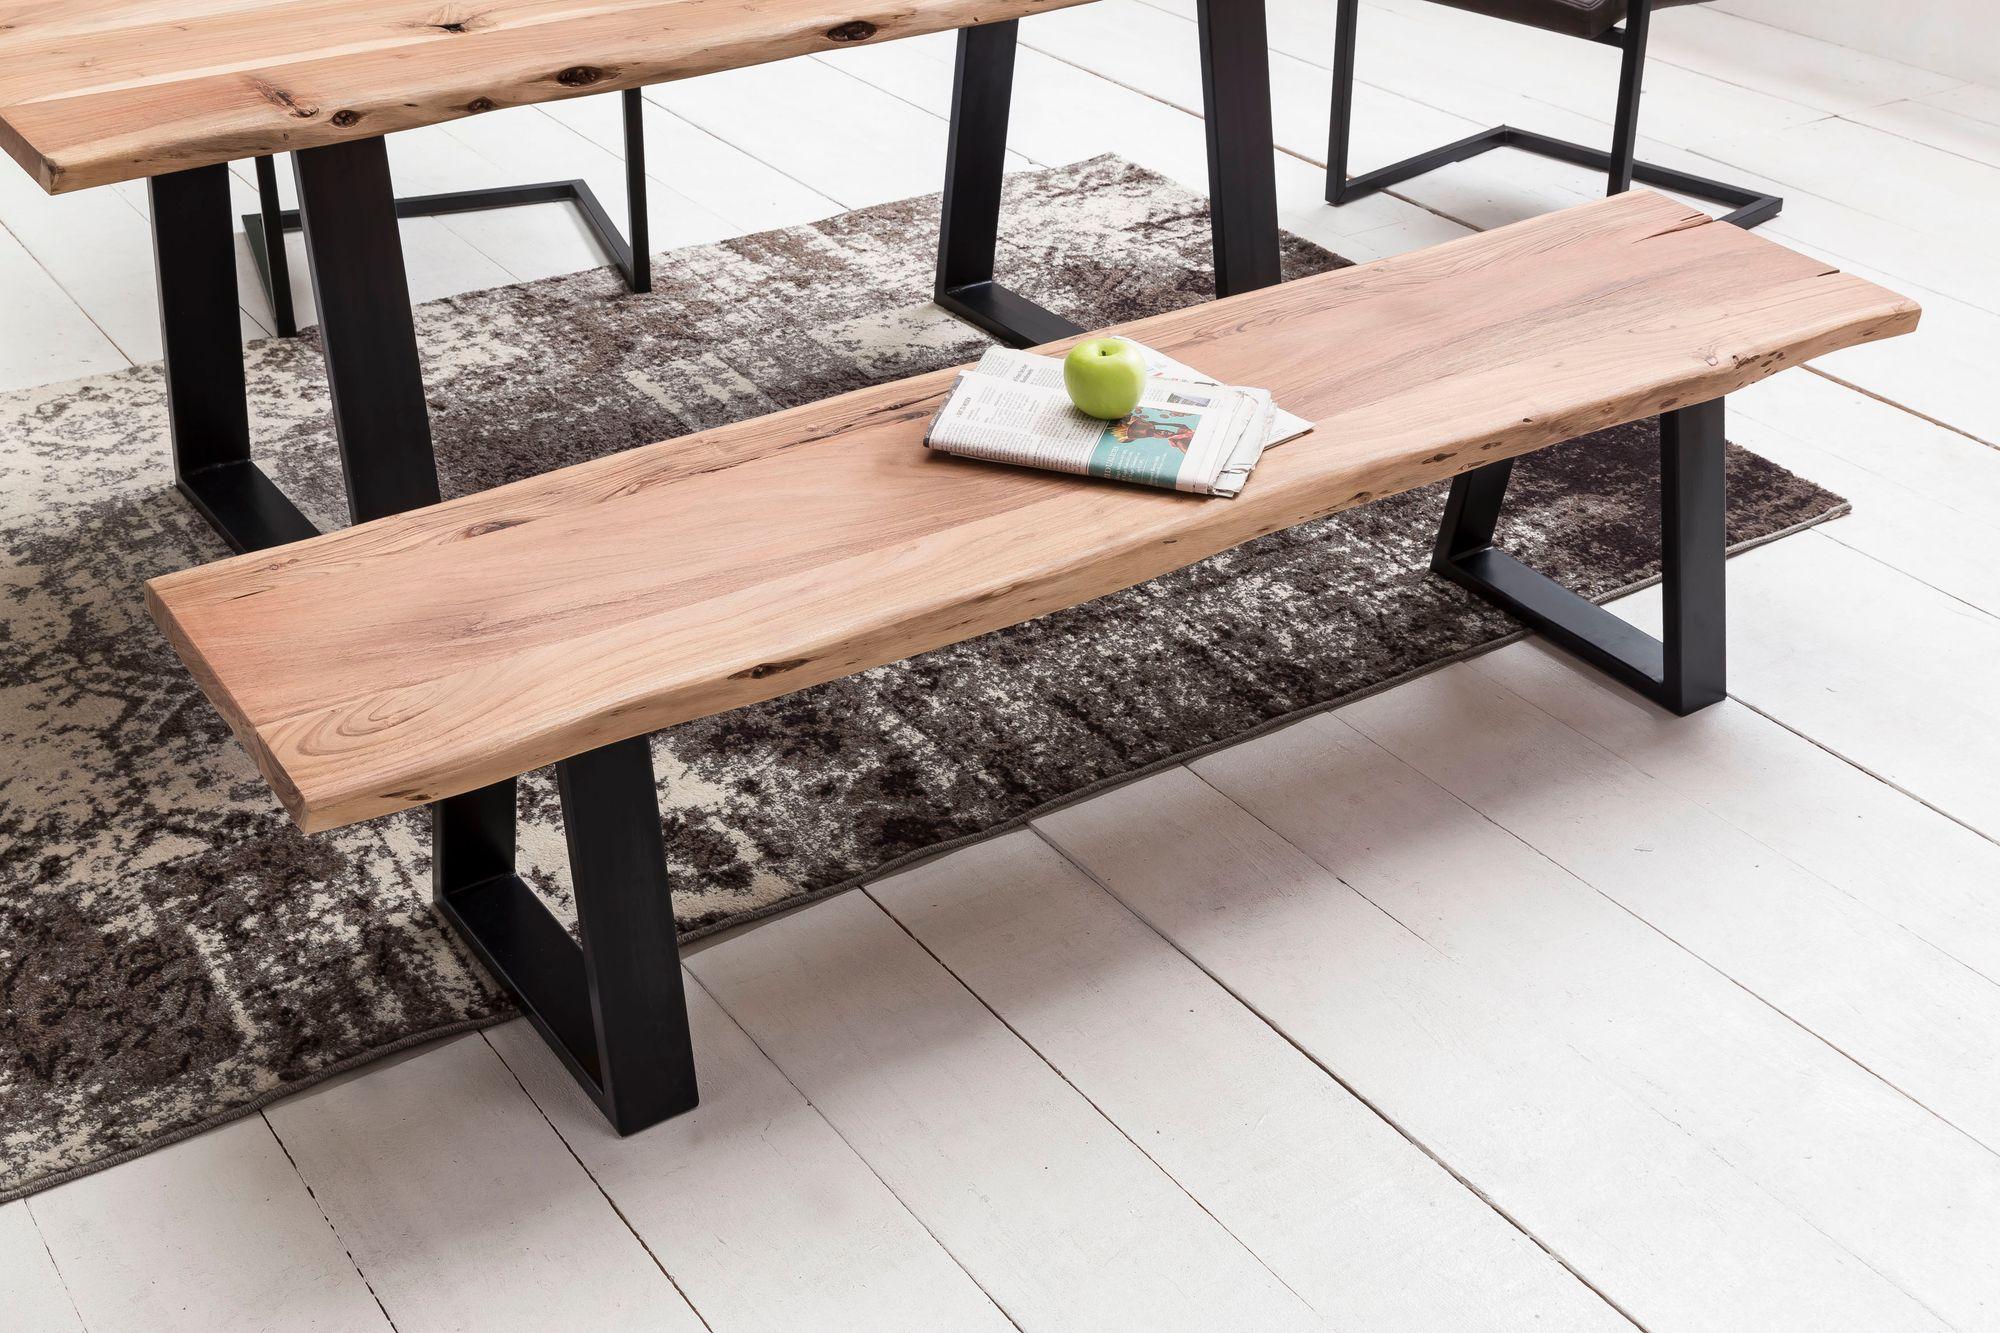 Inspirierend Sitzbank Ohne Lehne Referenz Von Massive Tree Baumkante Akazie Massivholz | Küchenbank